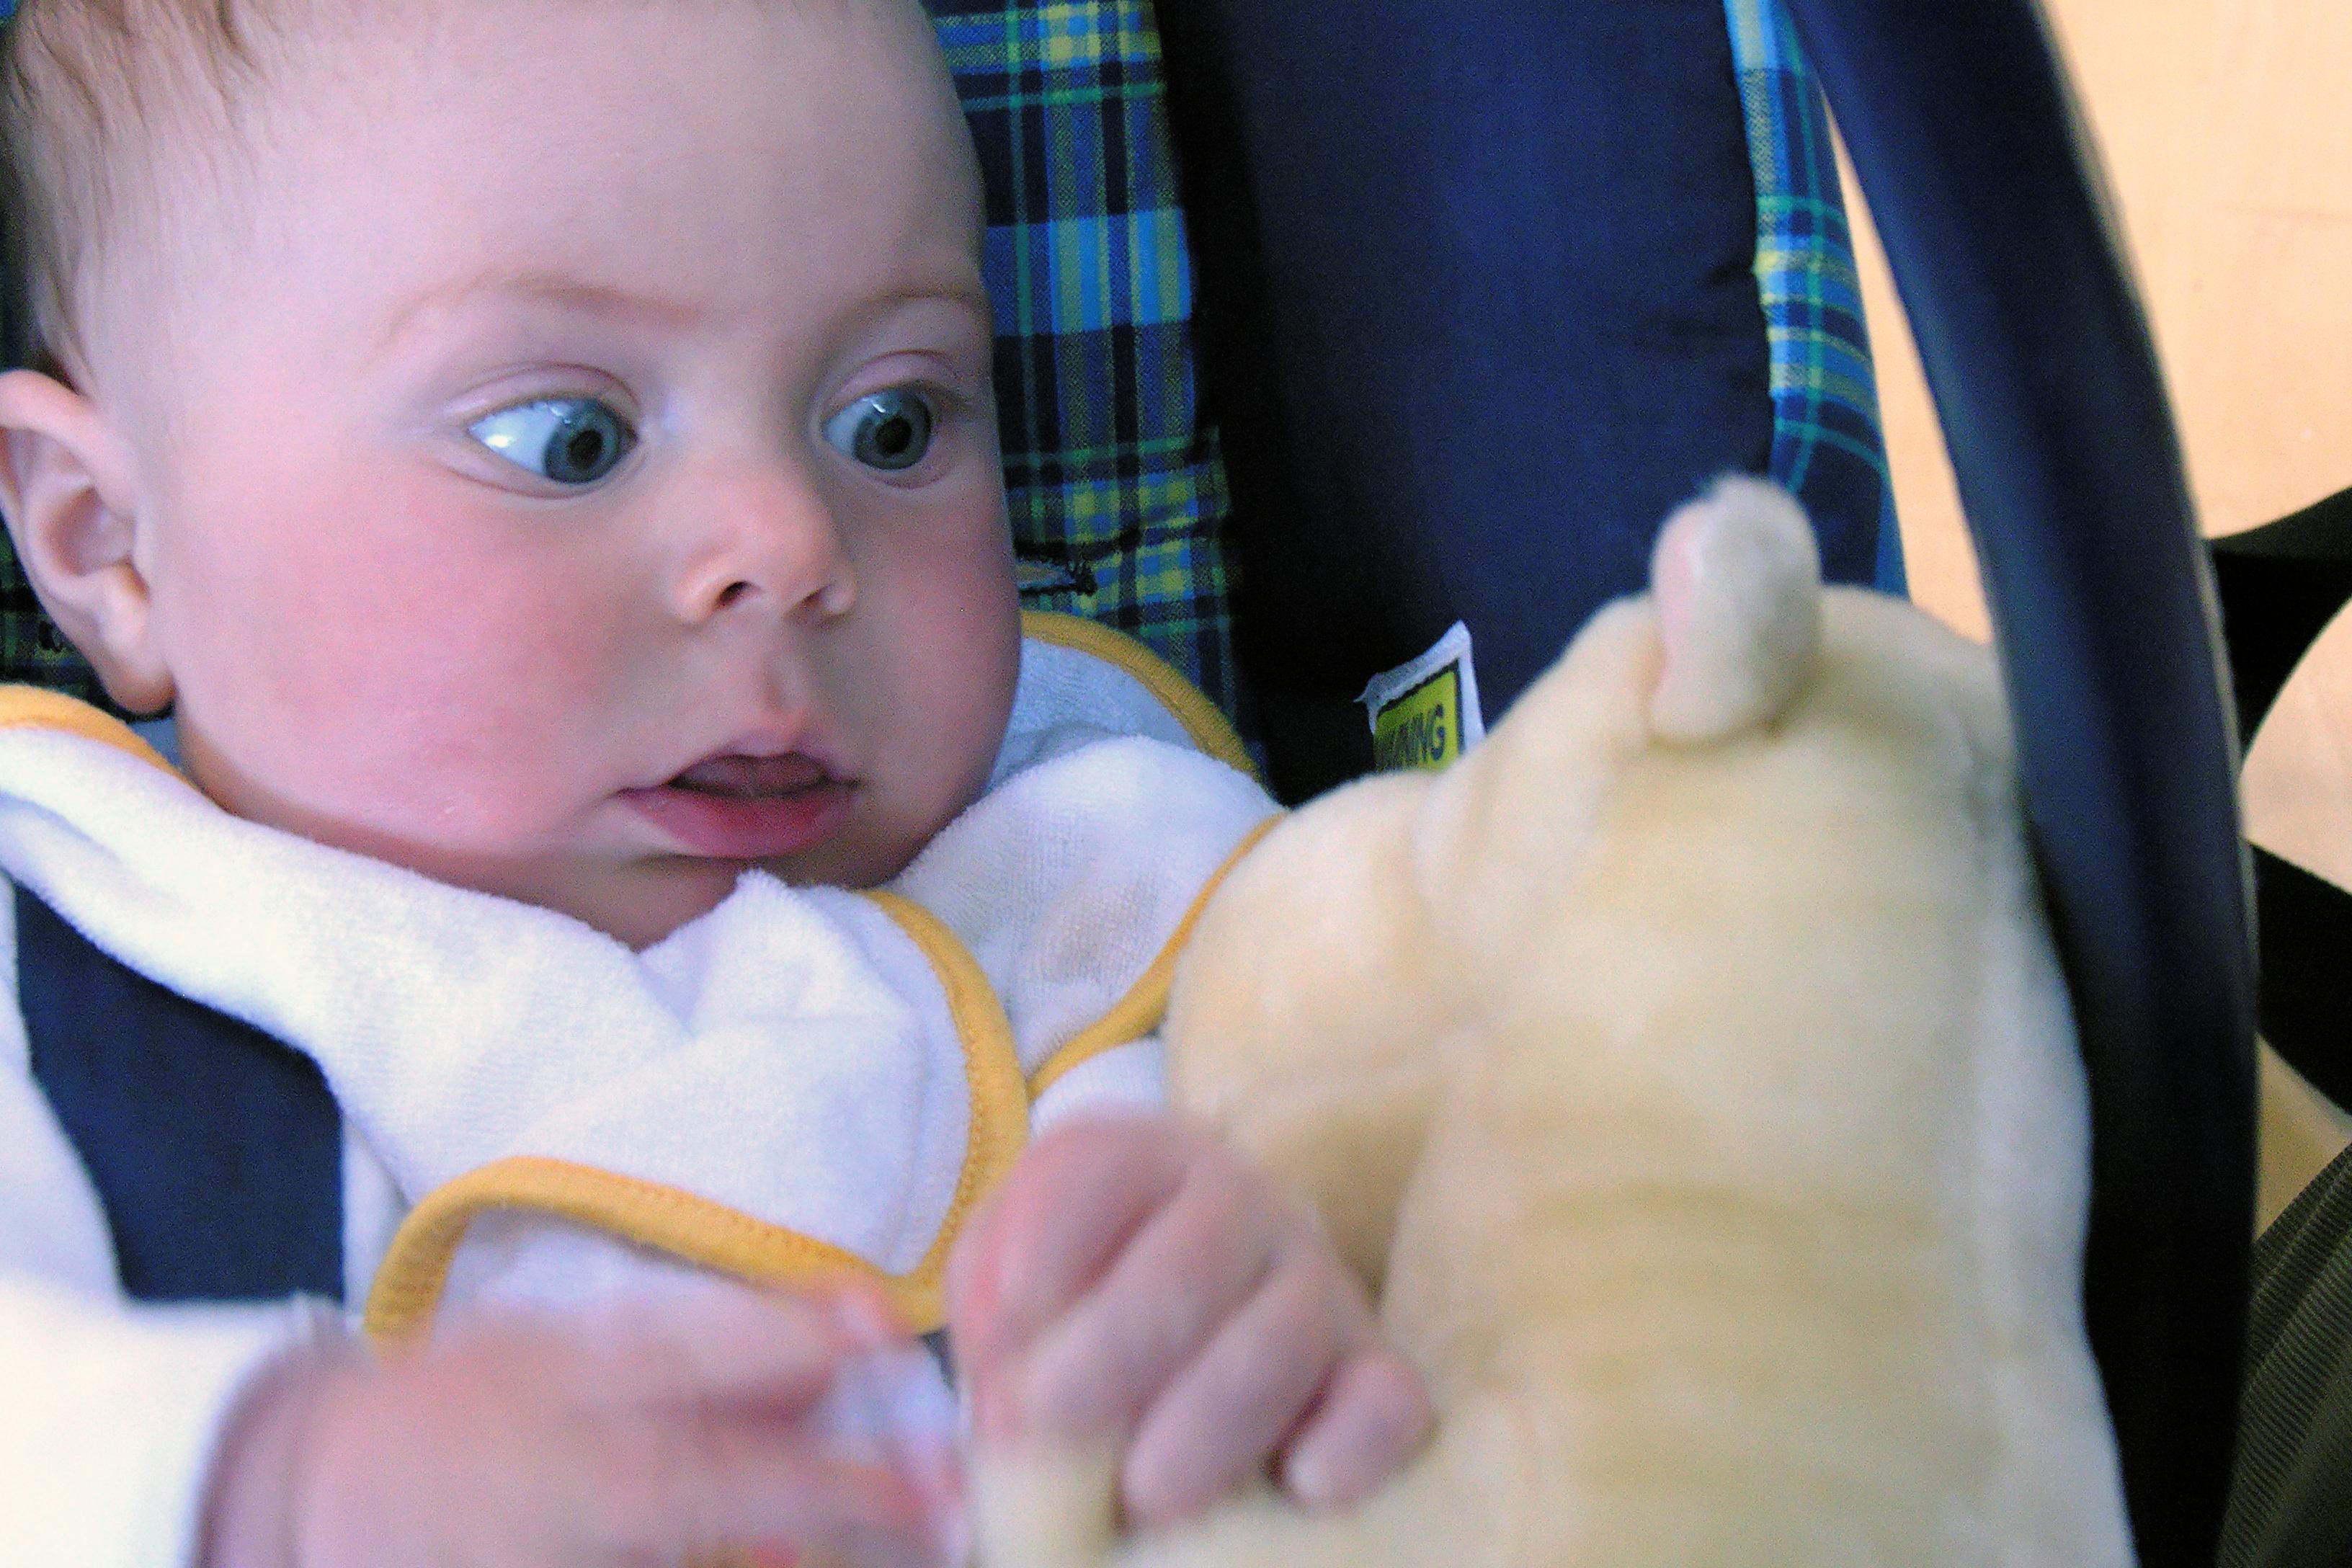 Un bébé ayant peur, les yeux ecarquillés